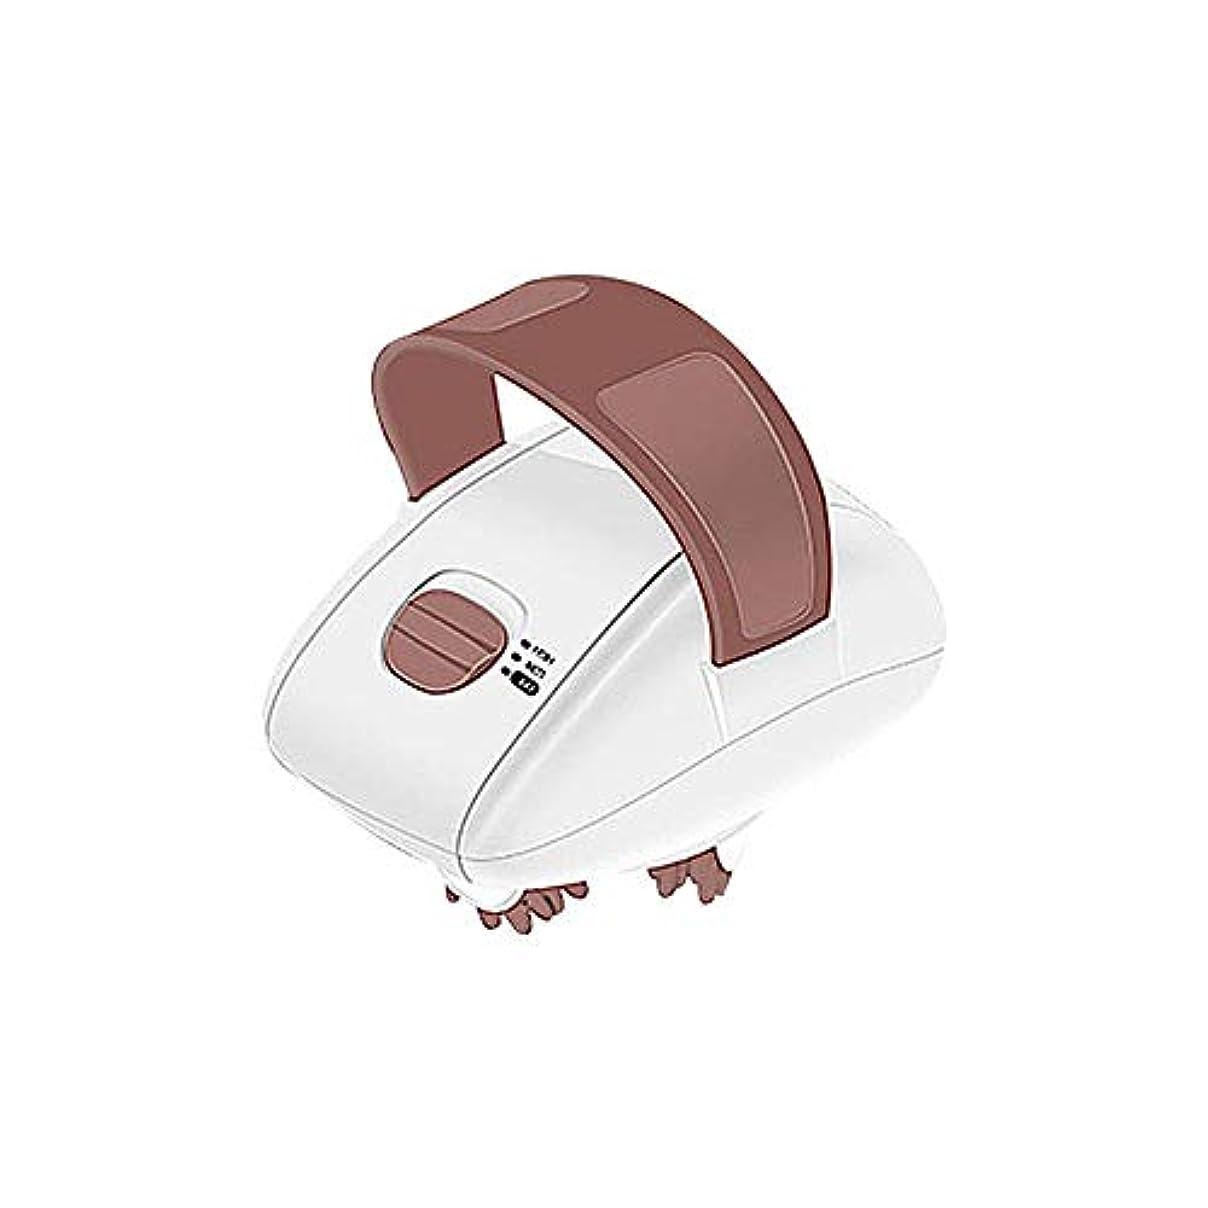 プット実現可能霊3D ミニボディスリム 電動ギアミニマッサージャー 多機能 ボディ ハード マッサージローラー 美脚 腕痩せ 疲れ解消 全身にマッサージ ダイエット 電動ローラー ミニ脂肪マッサージ師 2色選べる